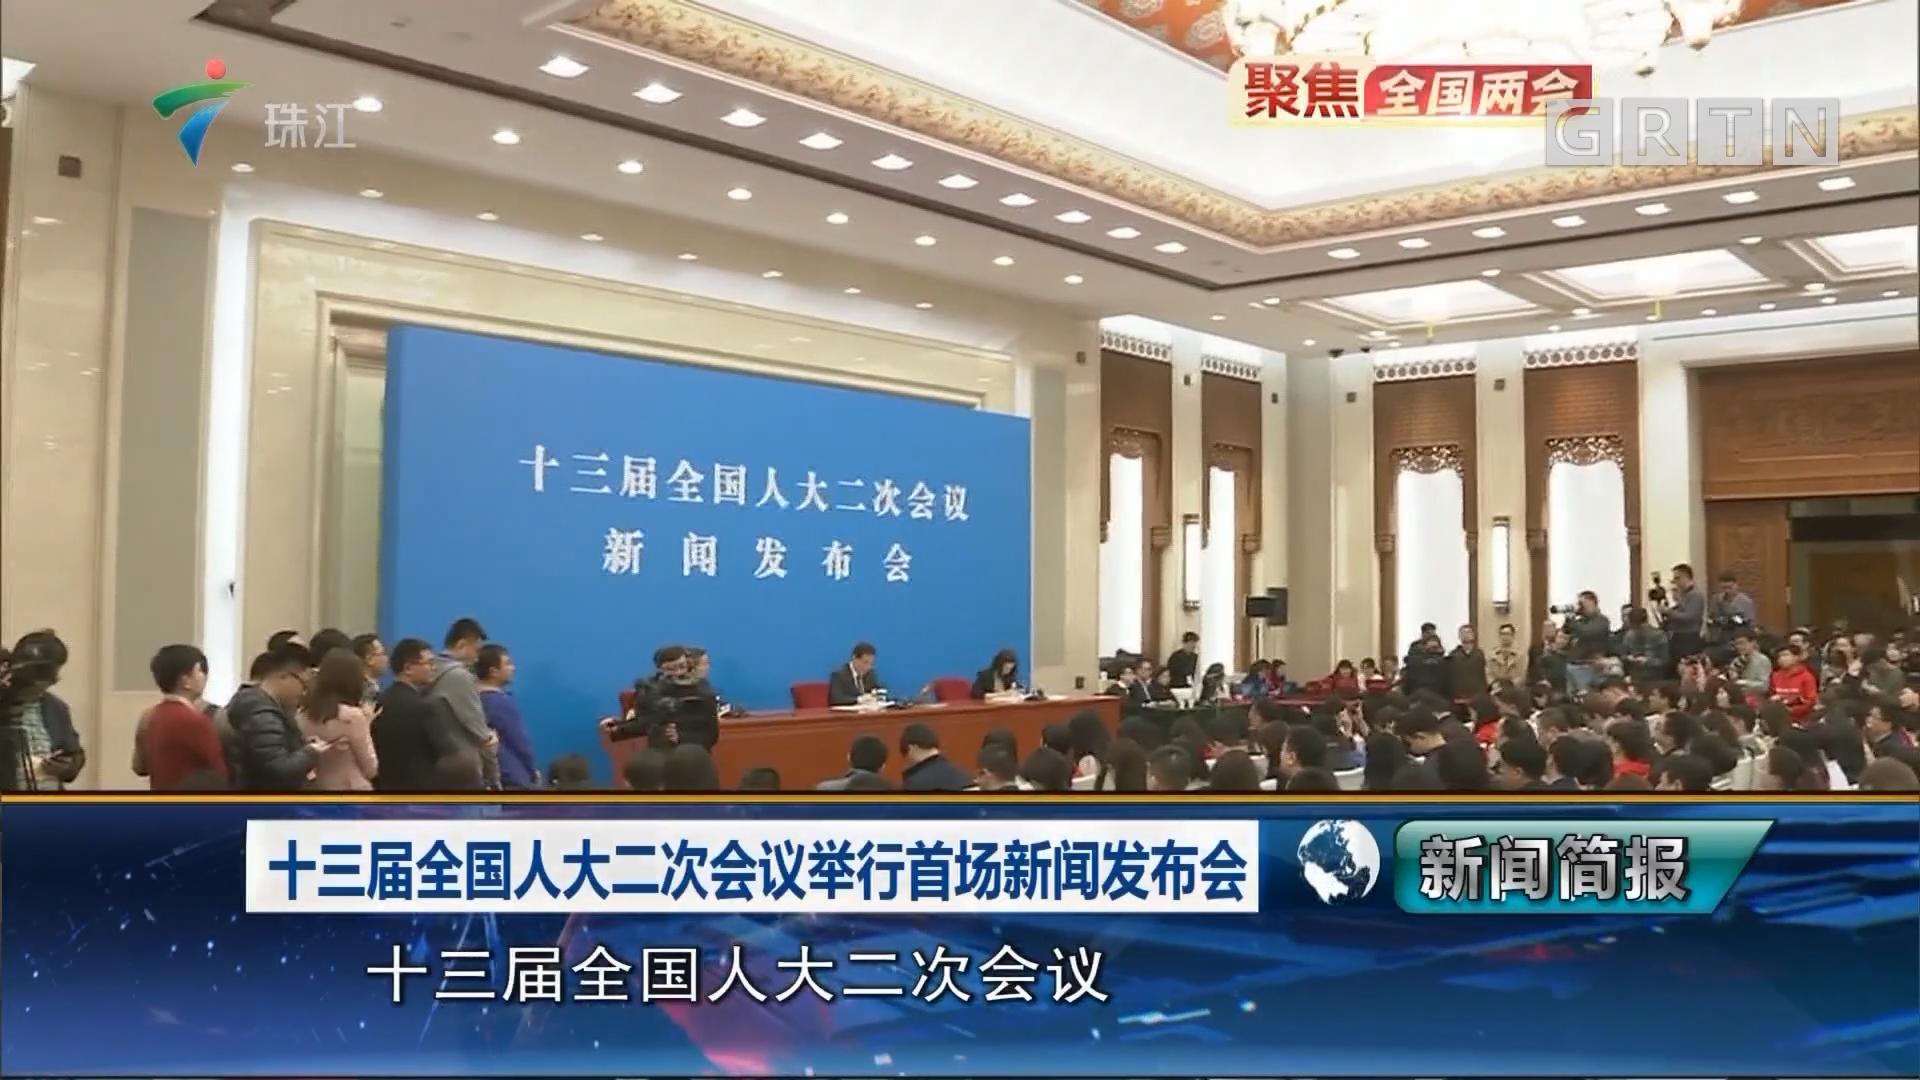 十三届全国人大二次会议举行首场新闻发布会